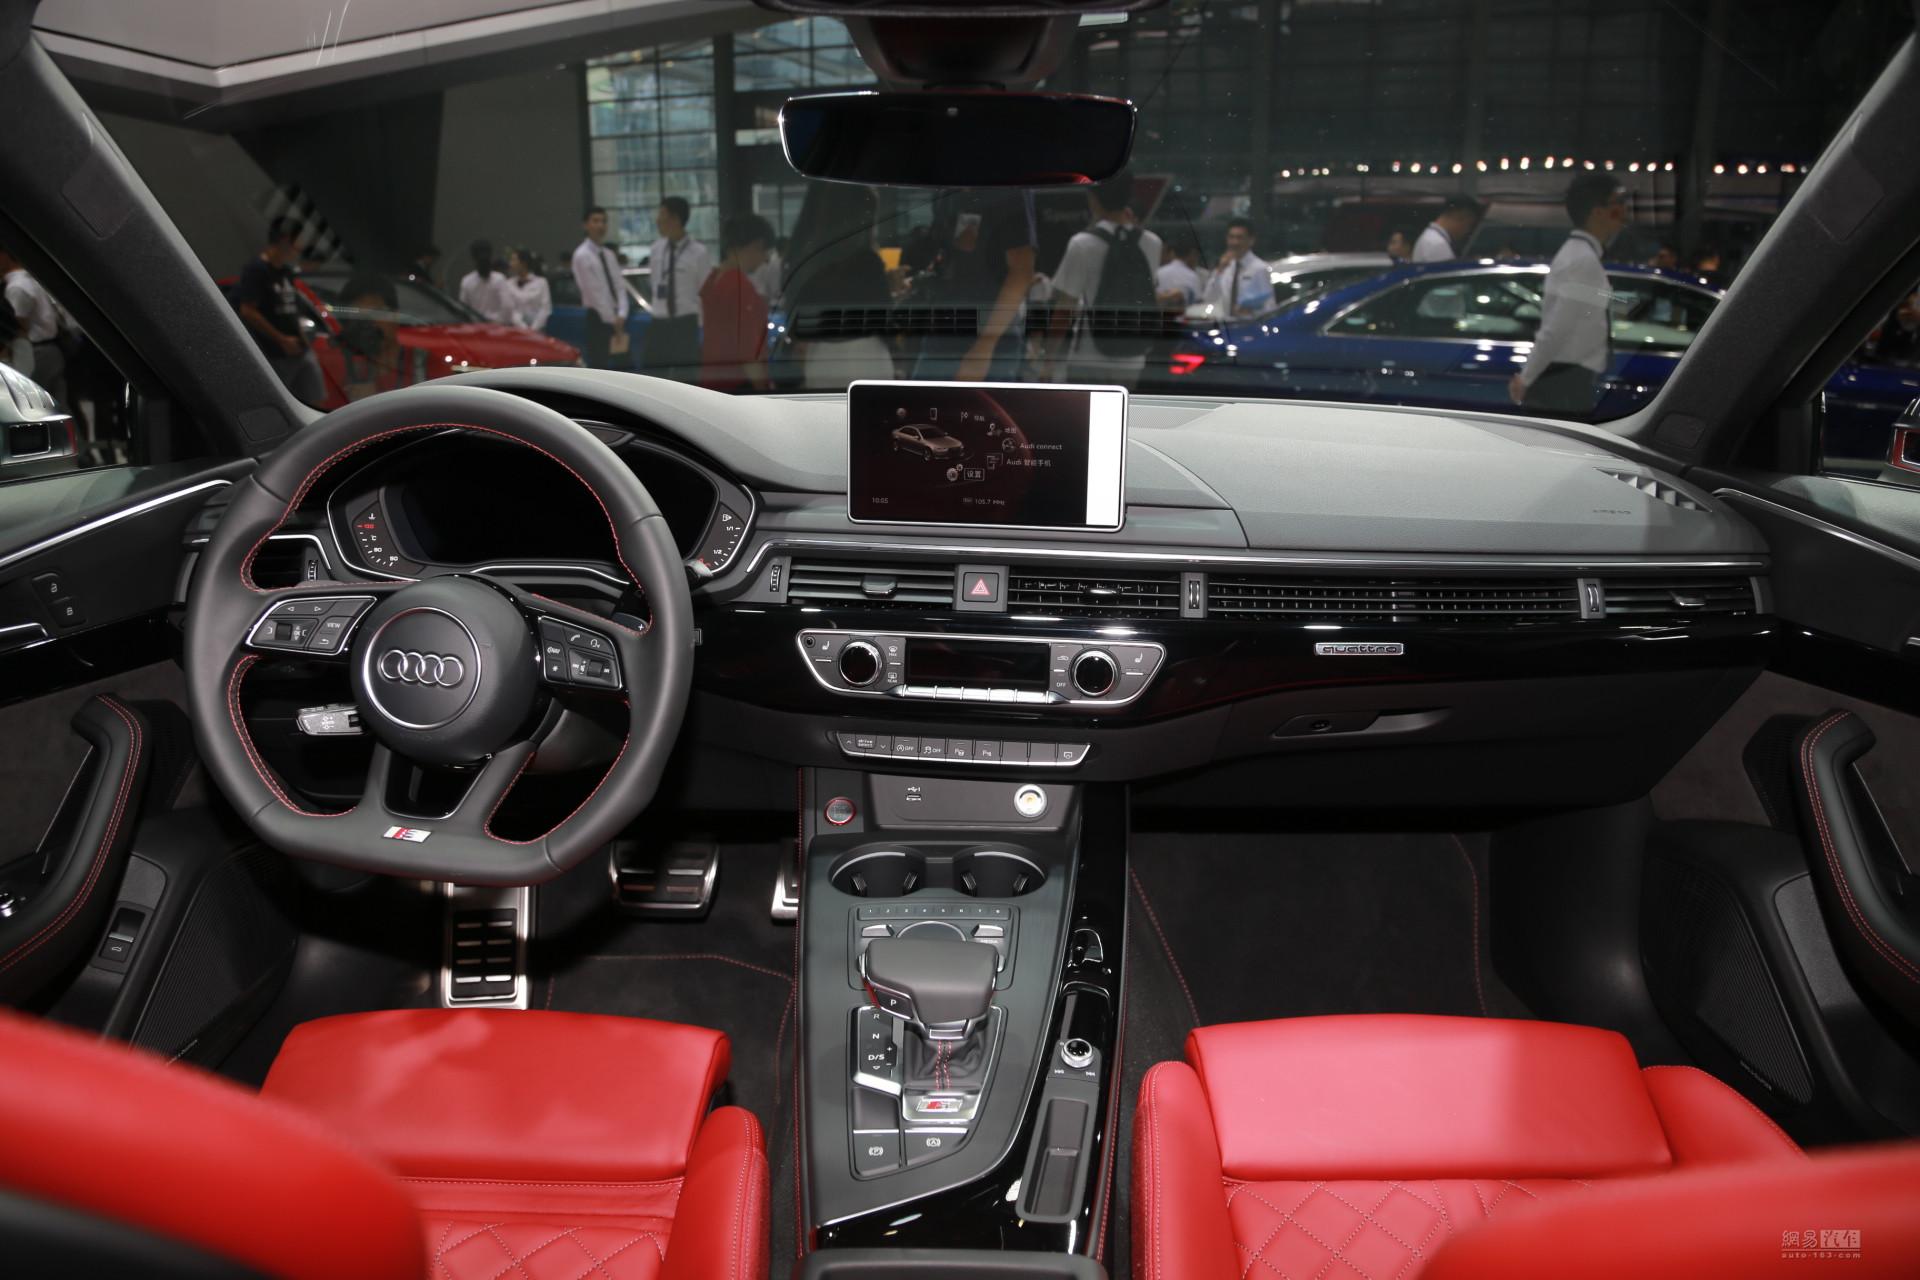 有錢人的車展 深港澳車展重磅豪車TOP 596 作者:費雪兒 ID:12537